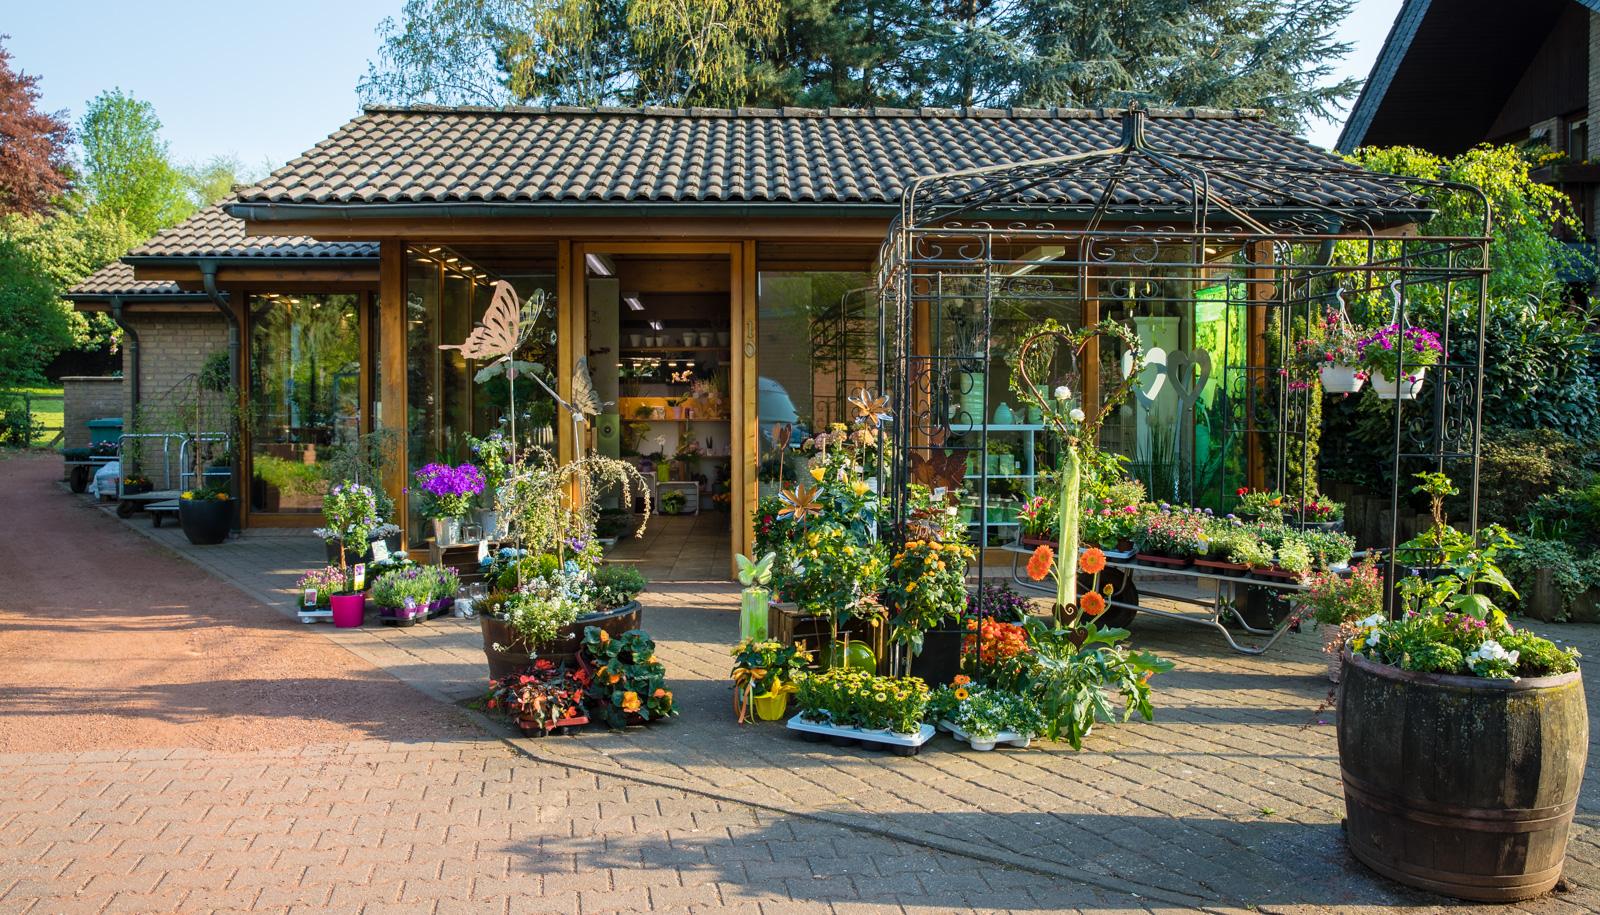 Blumenladen in Jüchen Außenansicht im Frühling